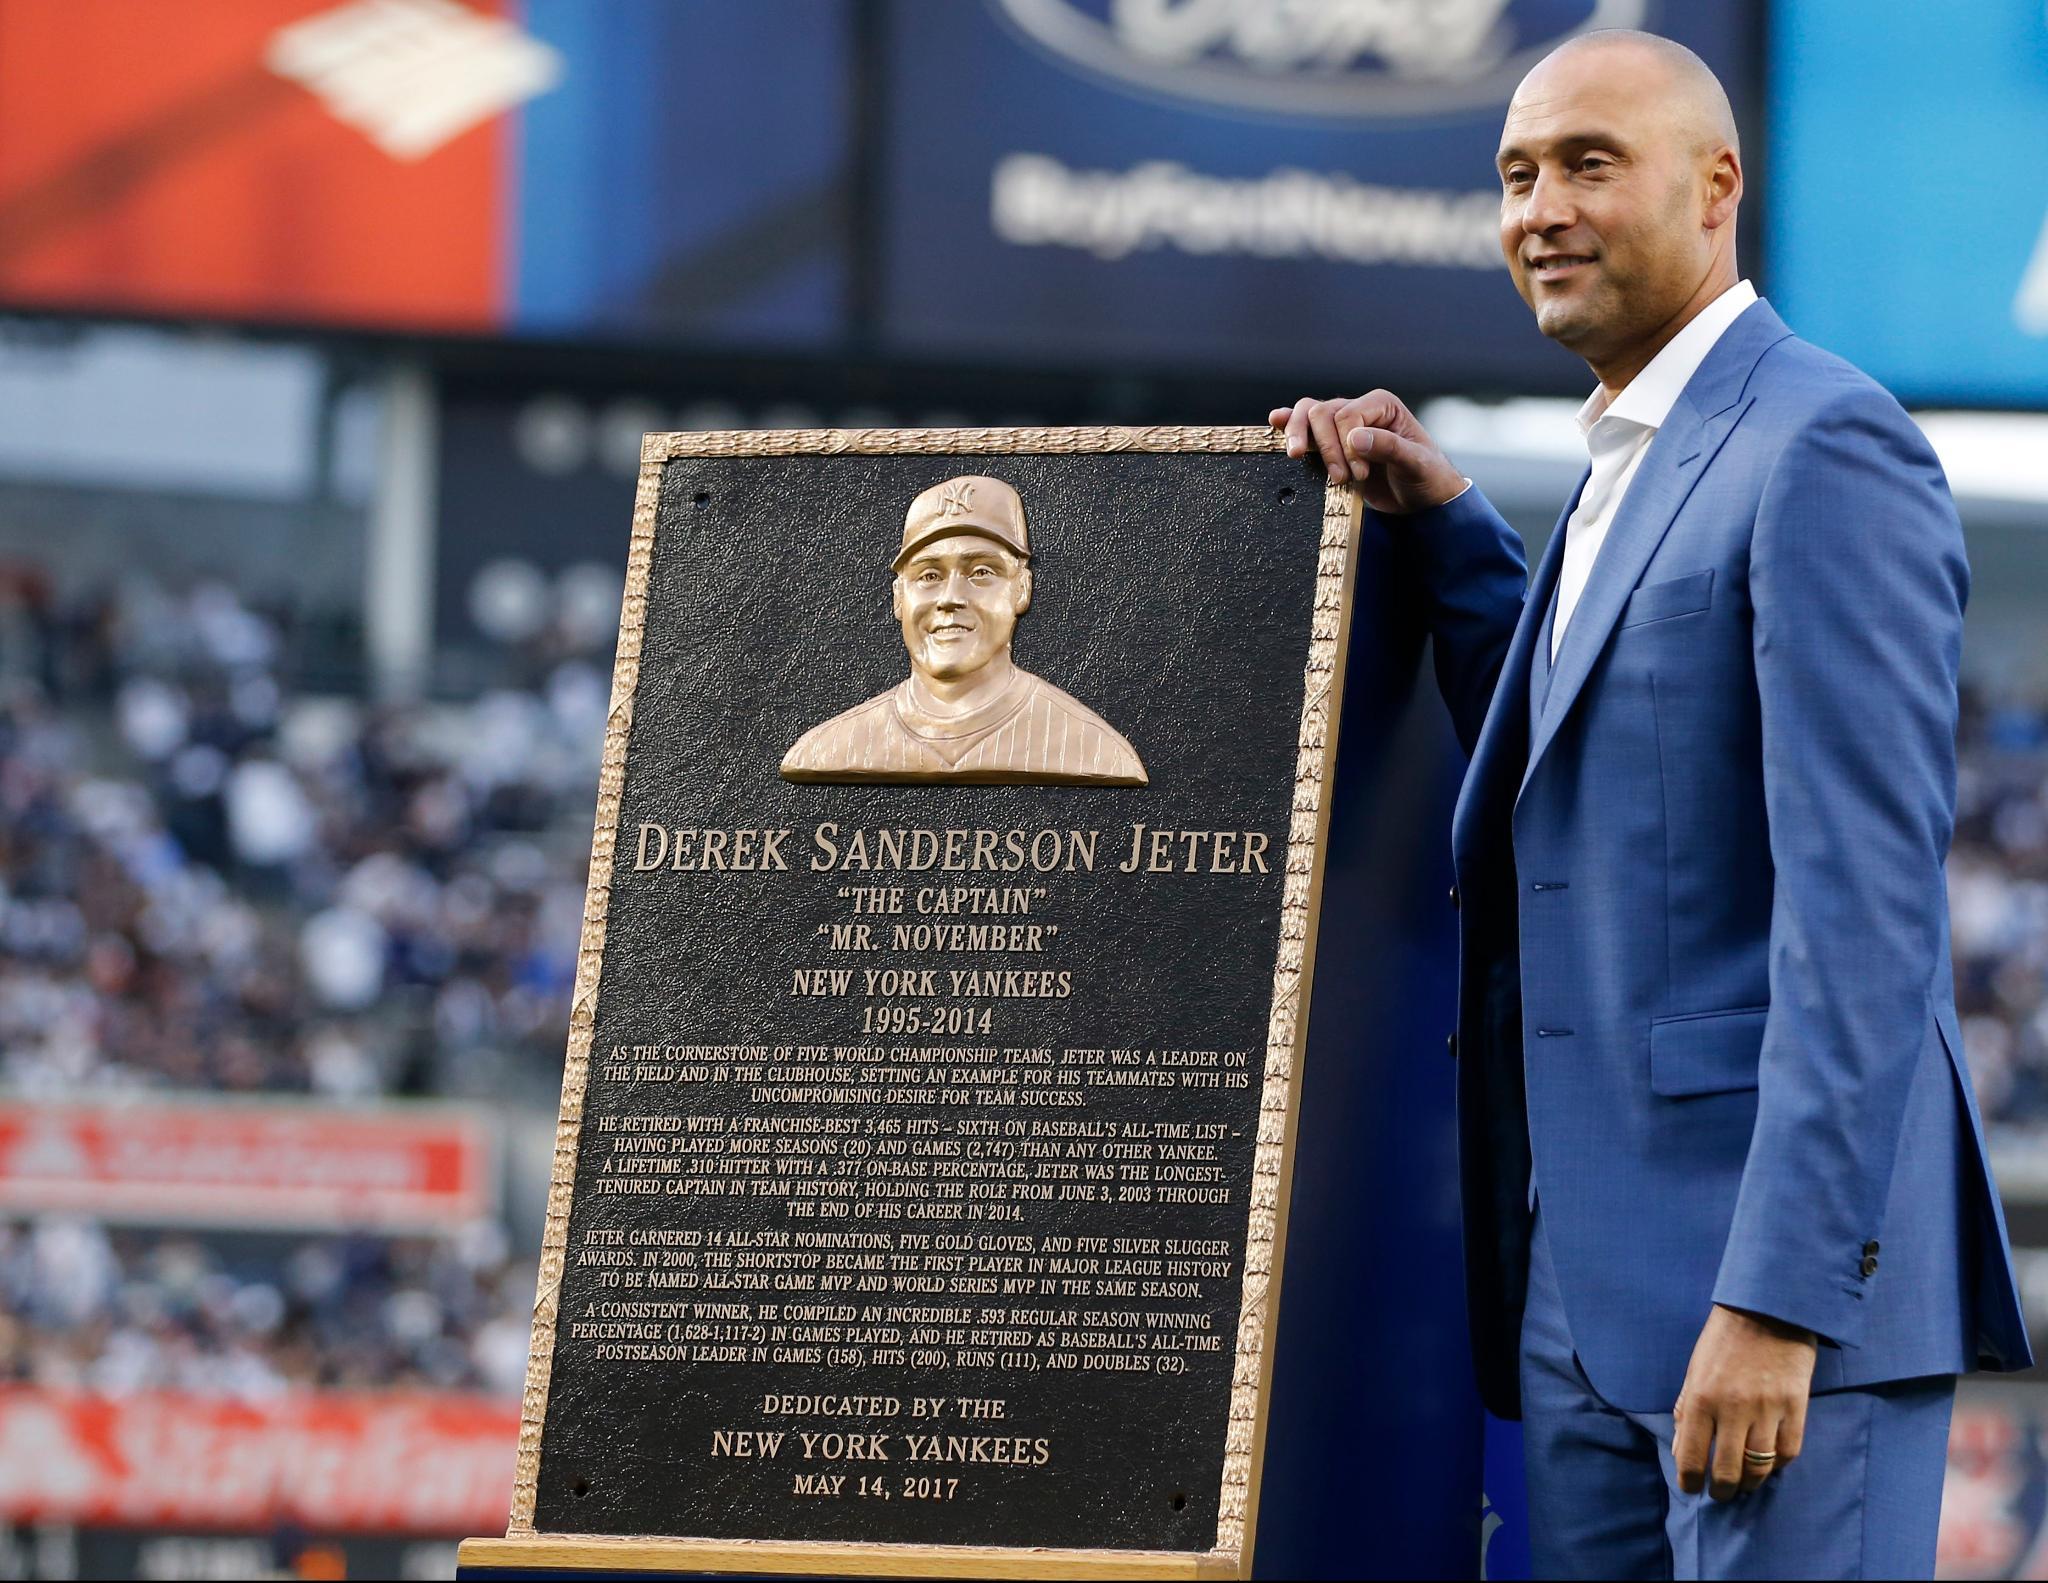 The Captain. Mr. November.  Forever enshrined. https://t.co/yB0gj7vLGj